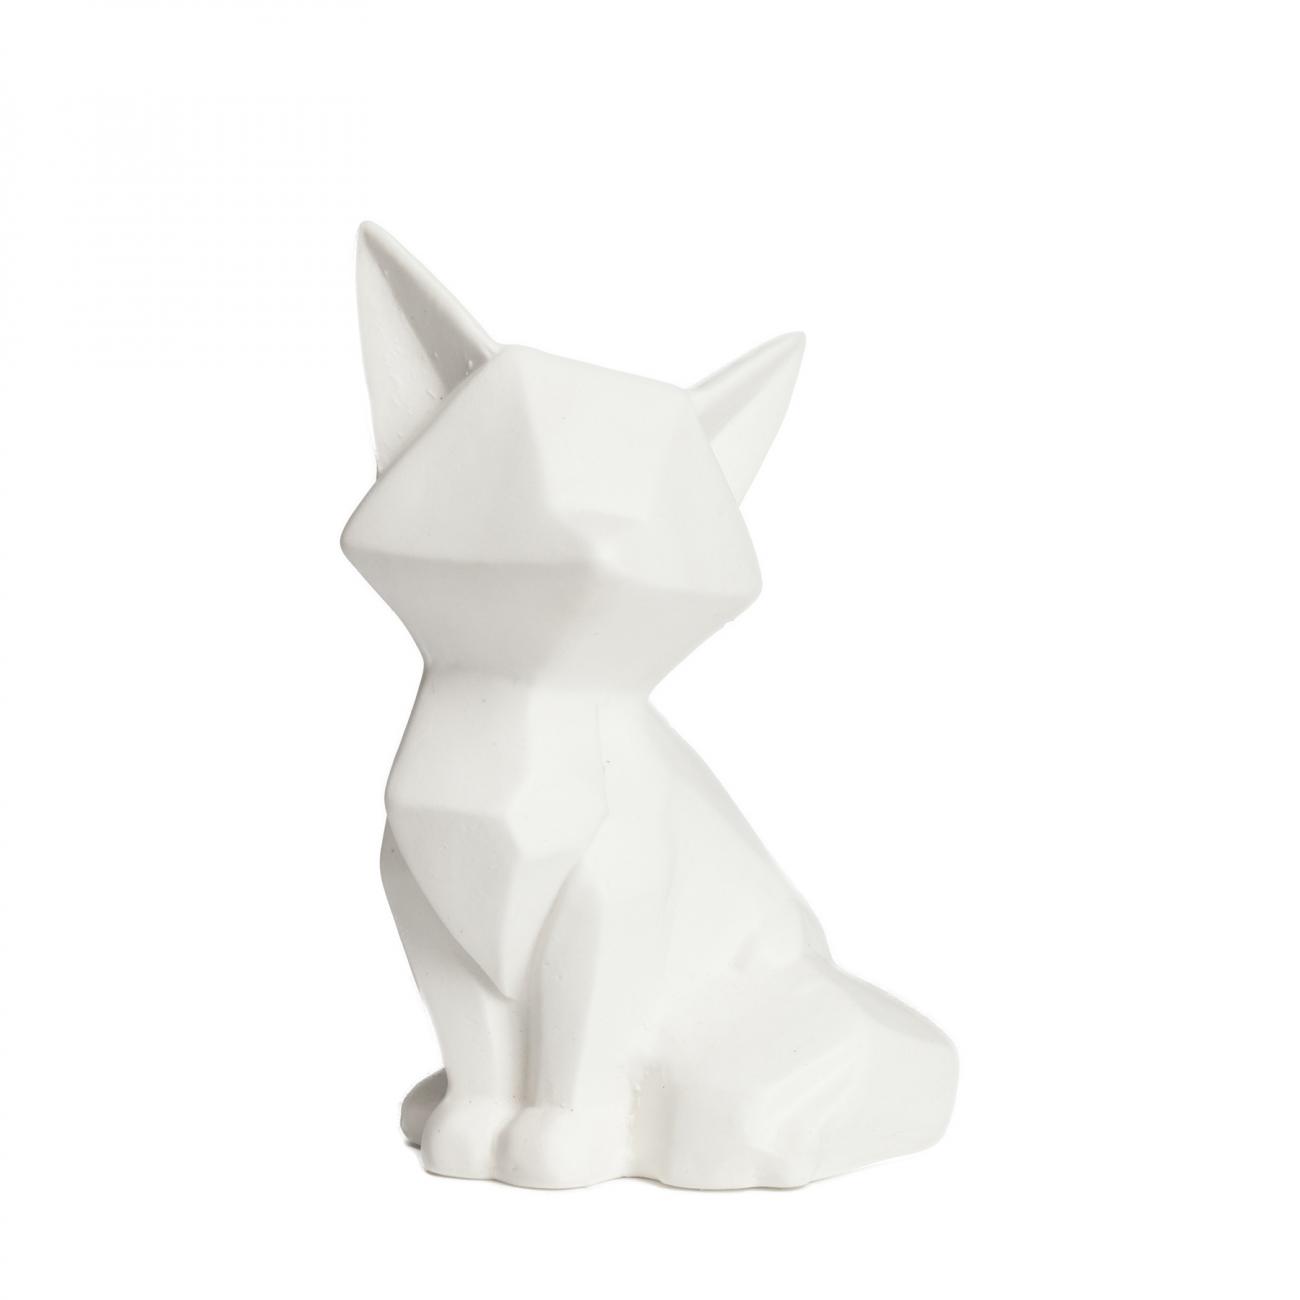 Купить Лиса декоративная Foxy в интернет магазине дизайнерской мебели и аксессуаров для дома и дачи